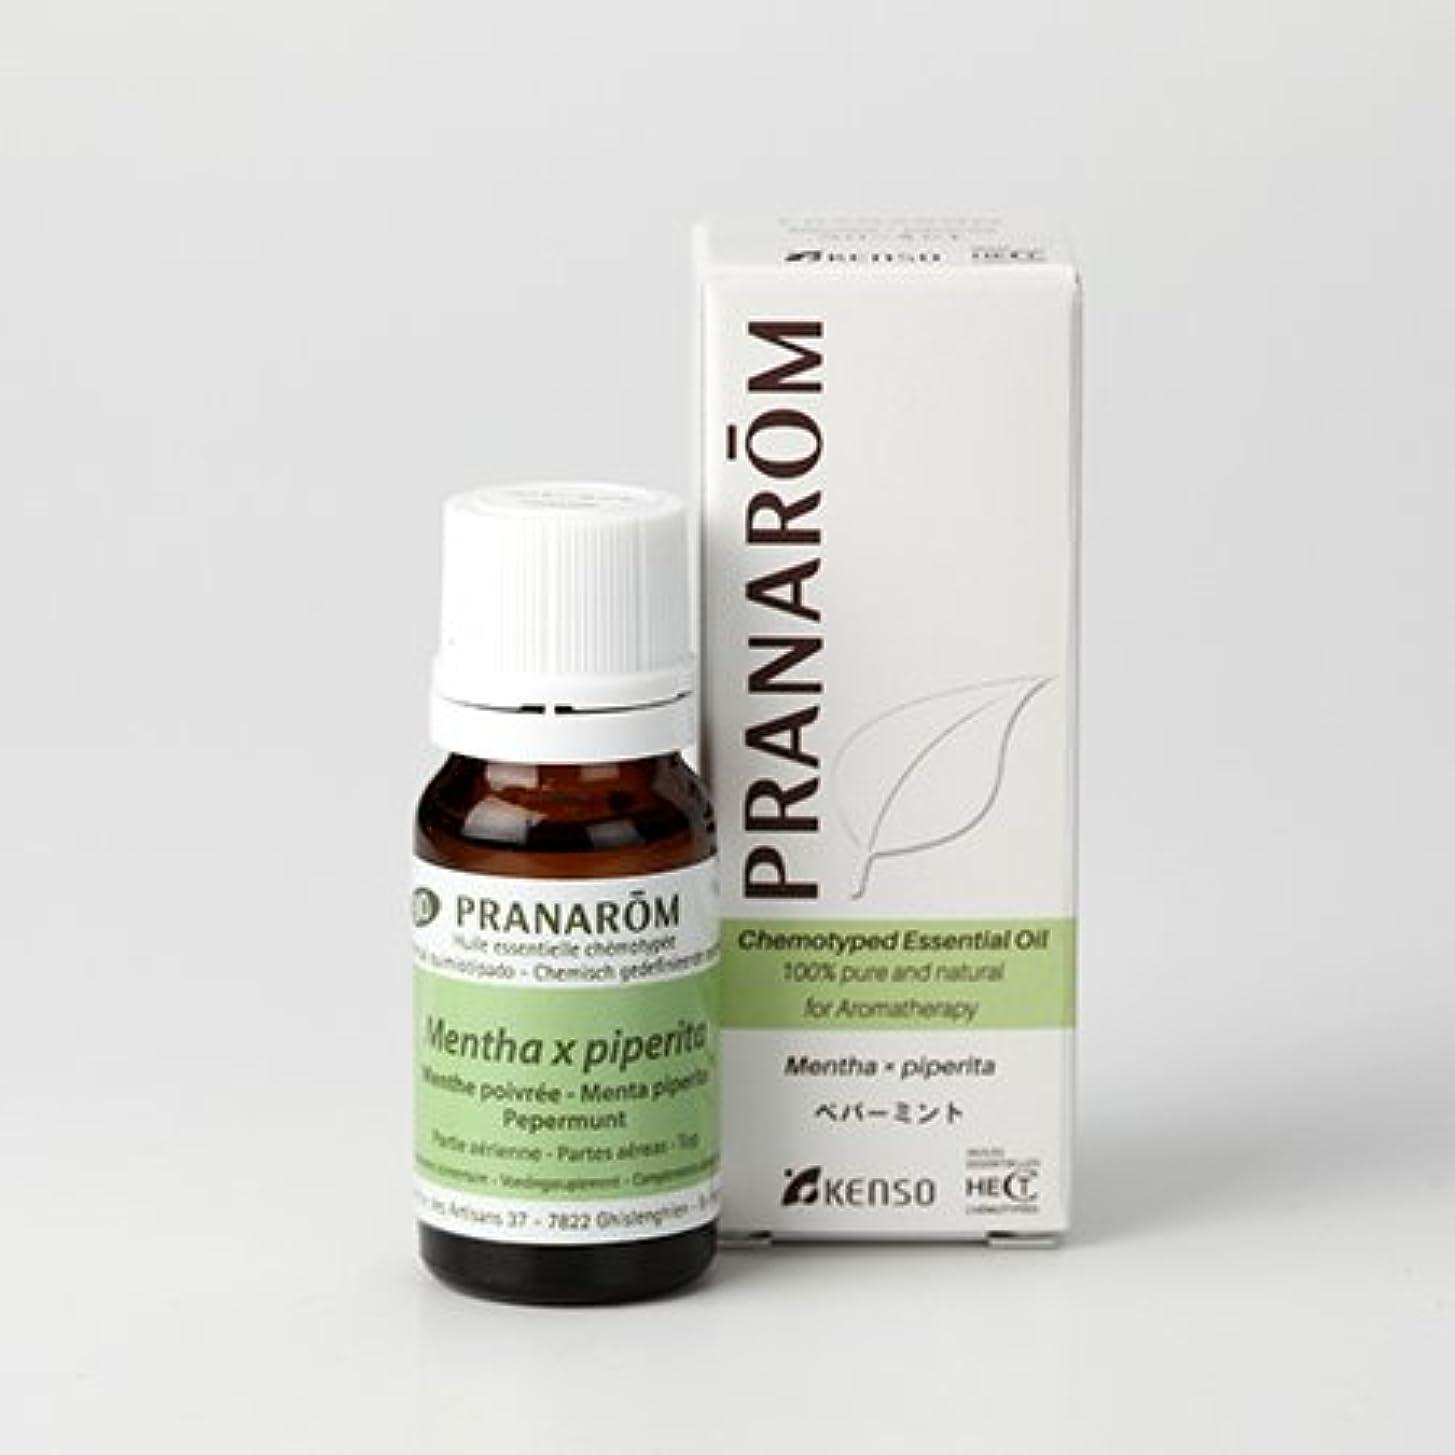 カセット感じ深さプラナロム ( PRANAROM ) 精油 ペパーミント 10ml p-119